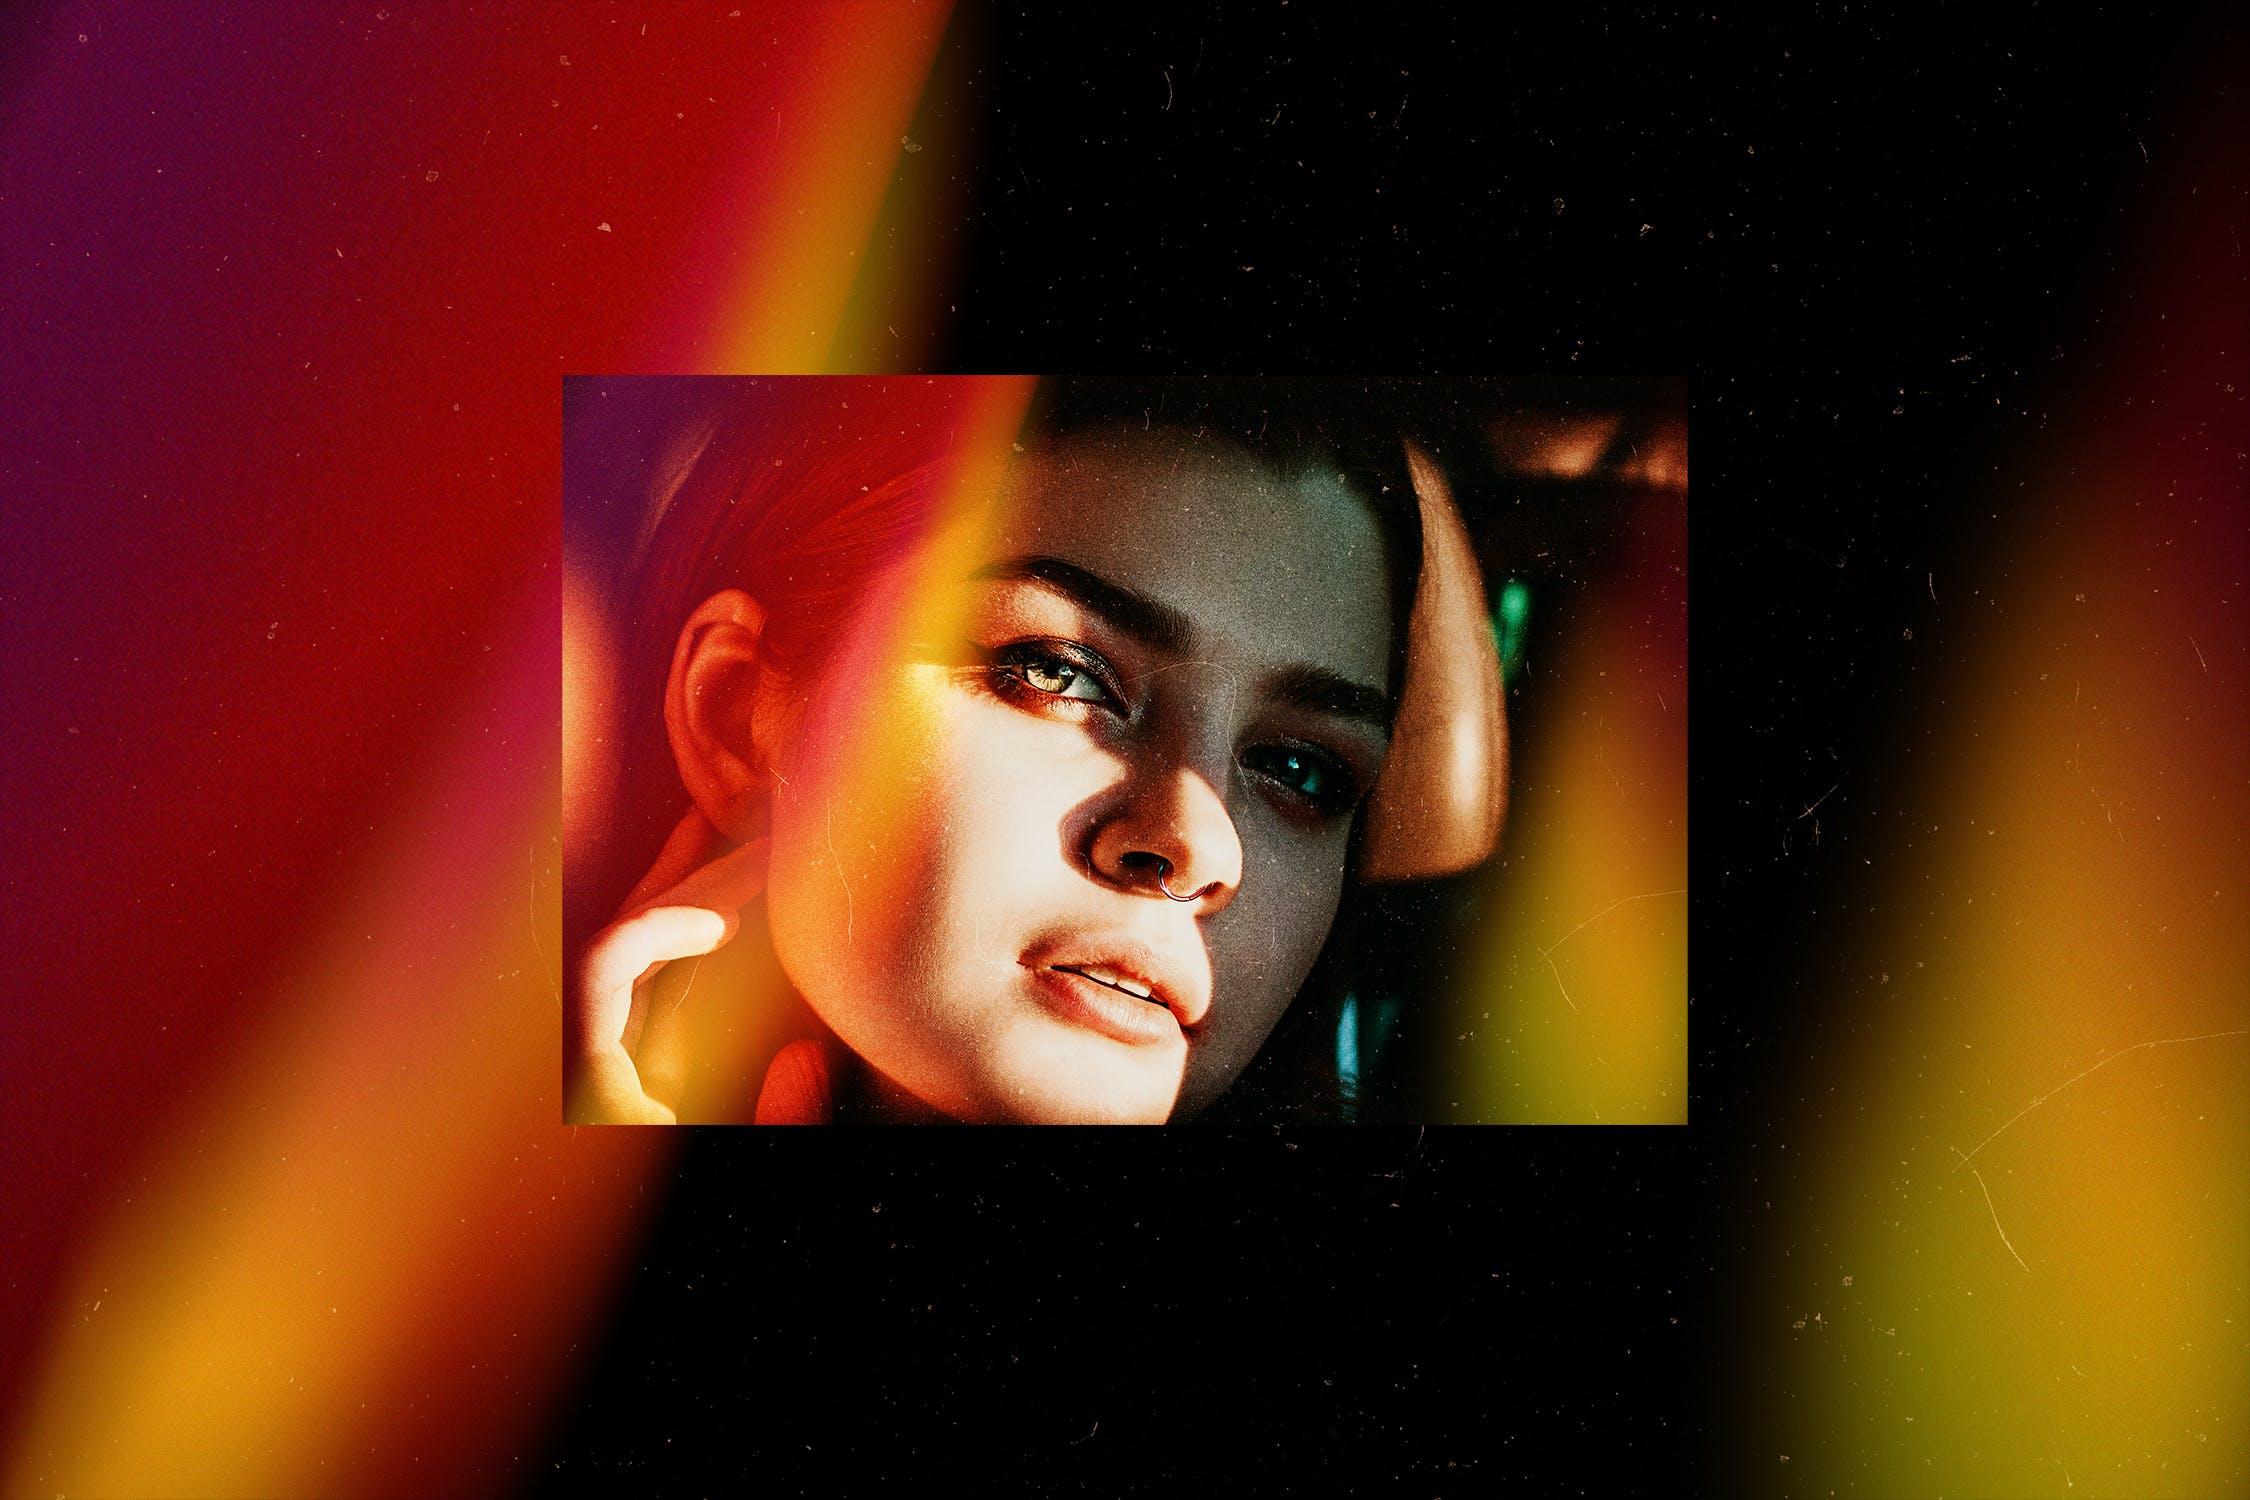 5款炫酷自然漏光图片叠层效果PS设计素材 Light Leak Photo Template插图(9)